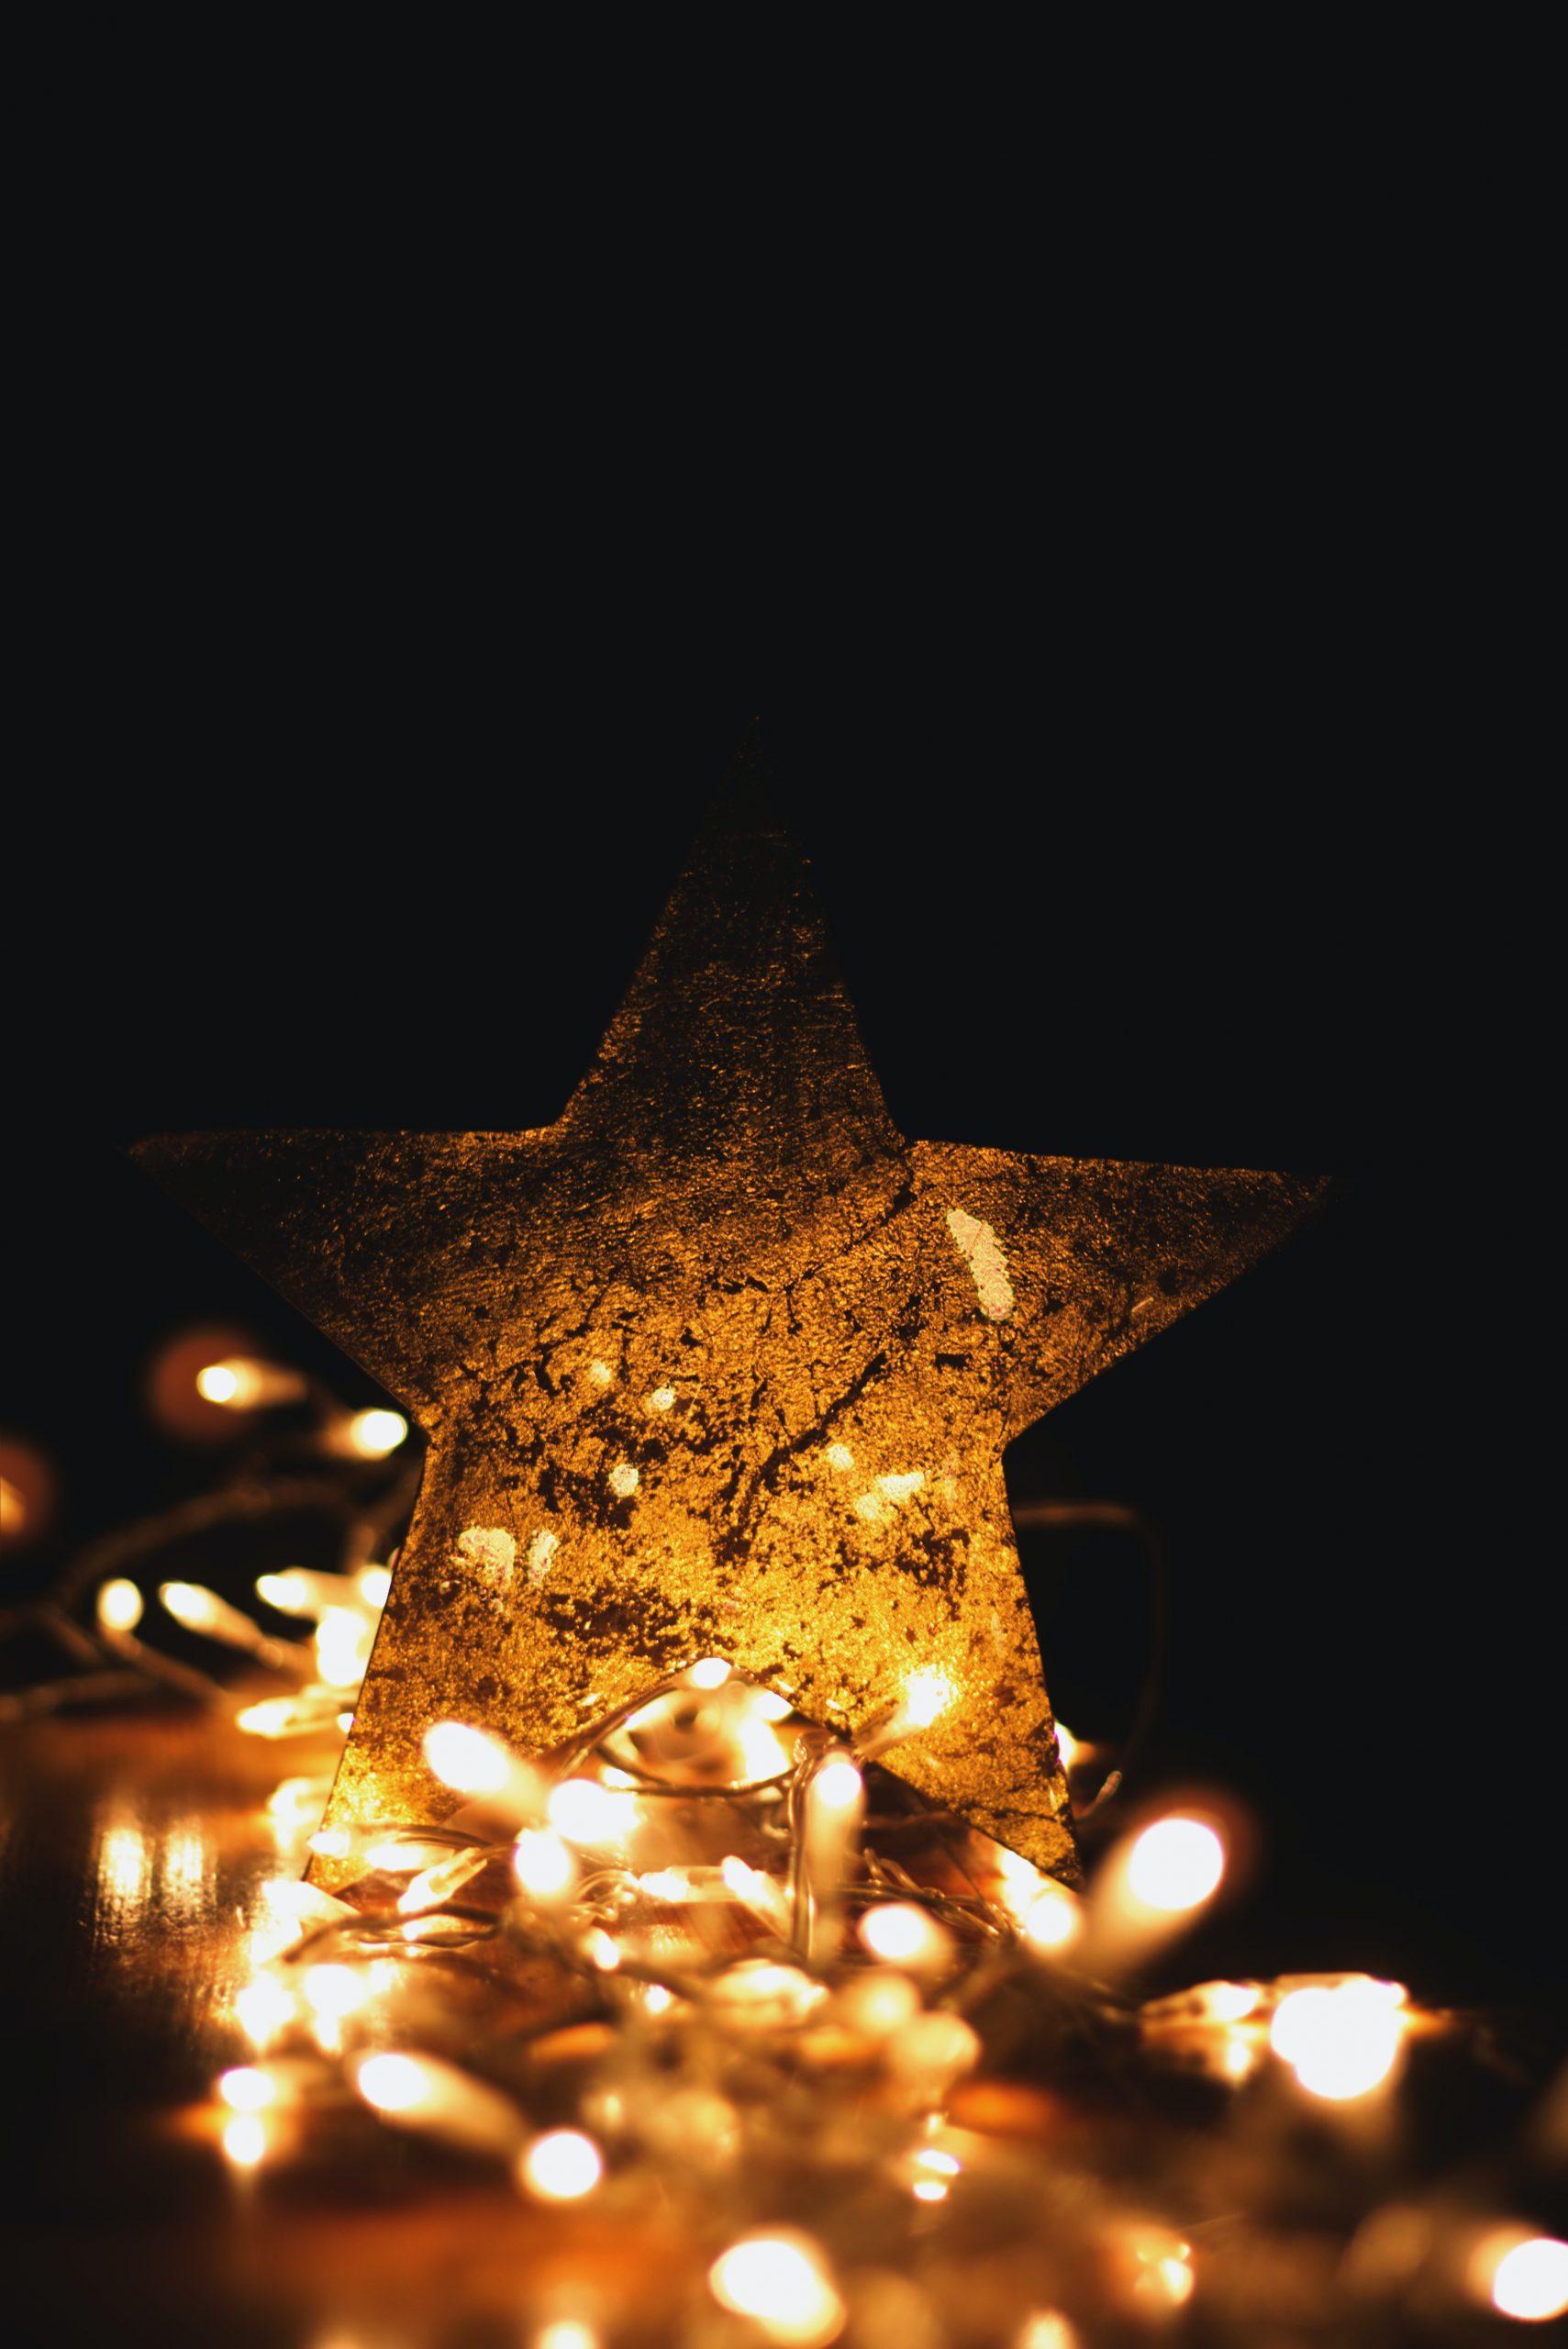 Hospitality and God at Christmas